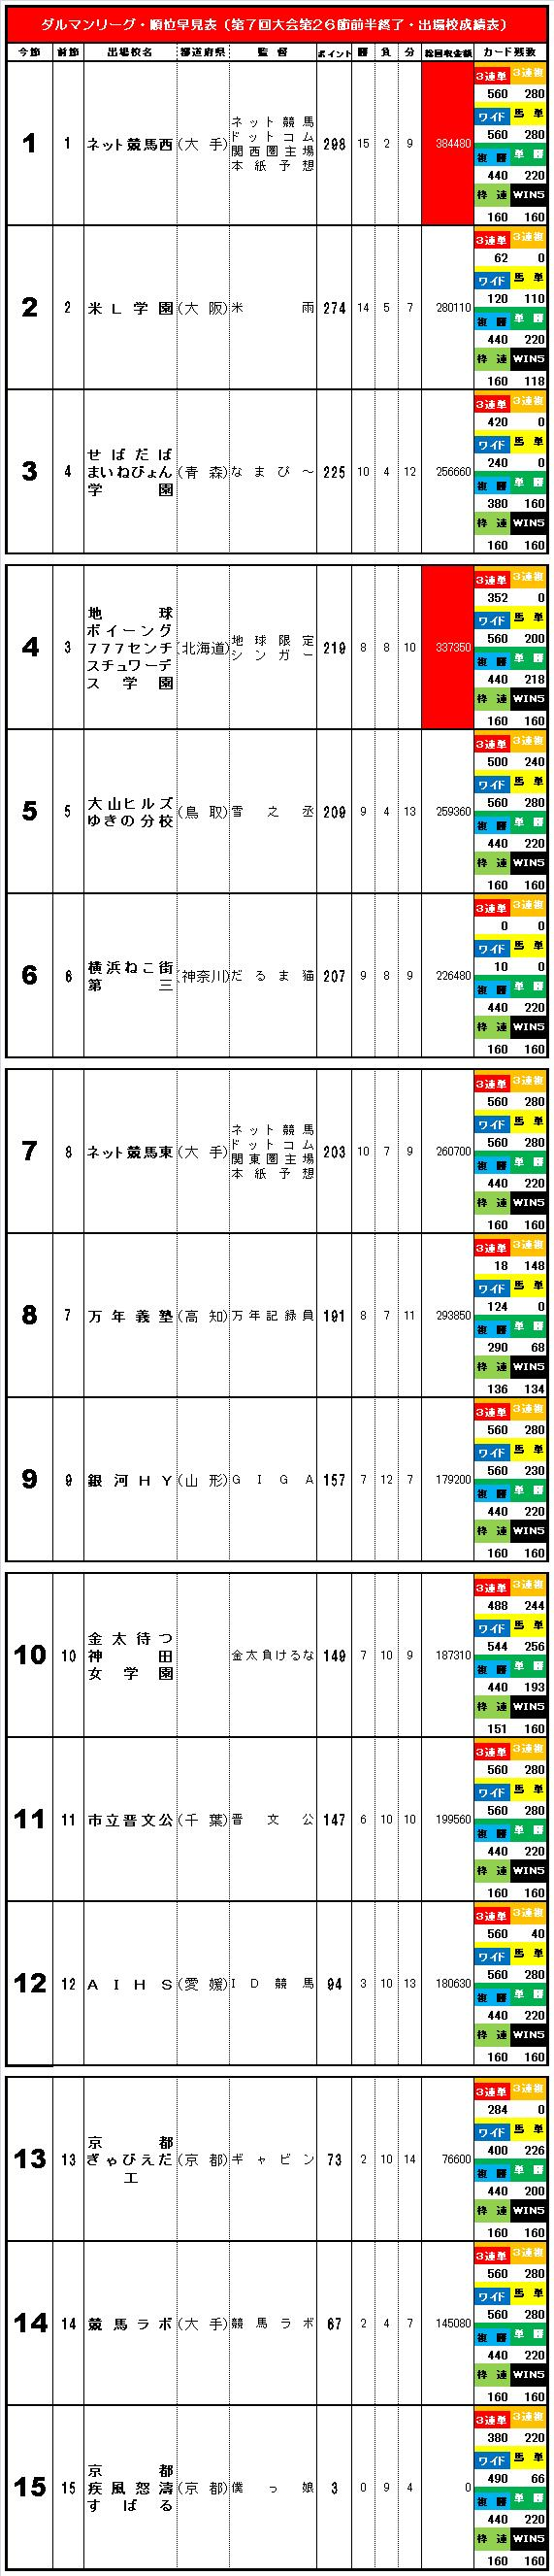 20160619・ダルマンリーグ第26節後半終了順位早見表簡易版⑥.jpg